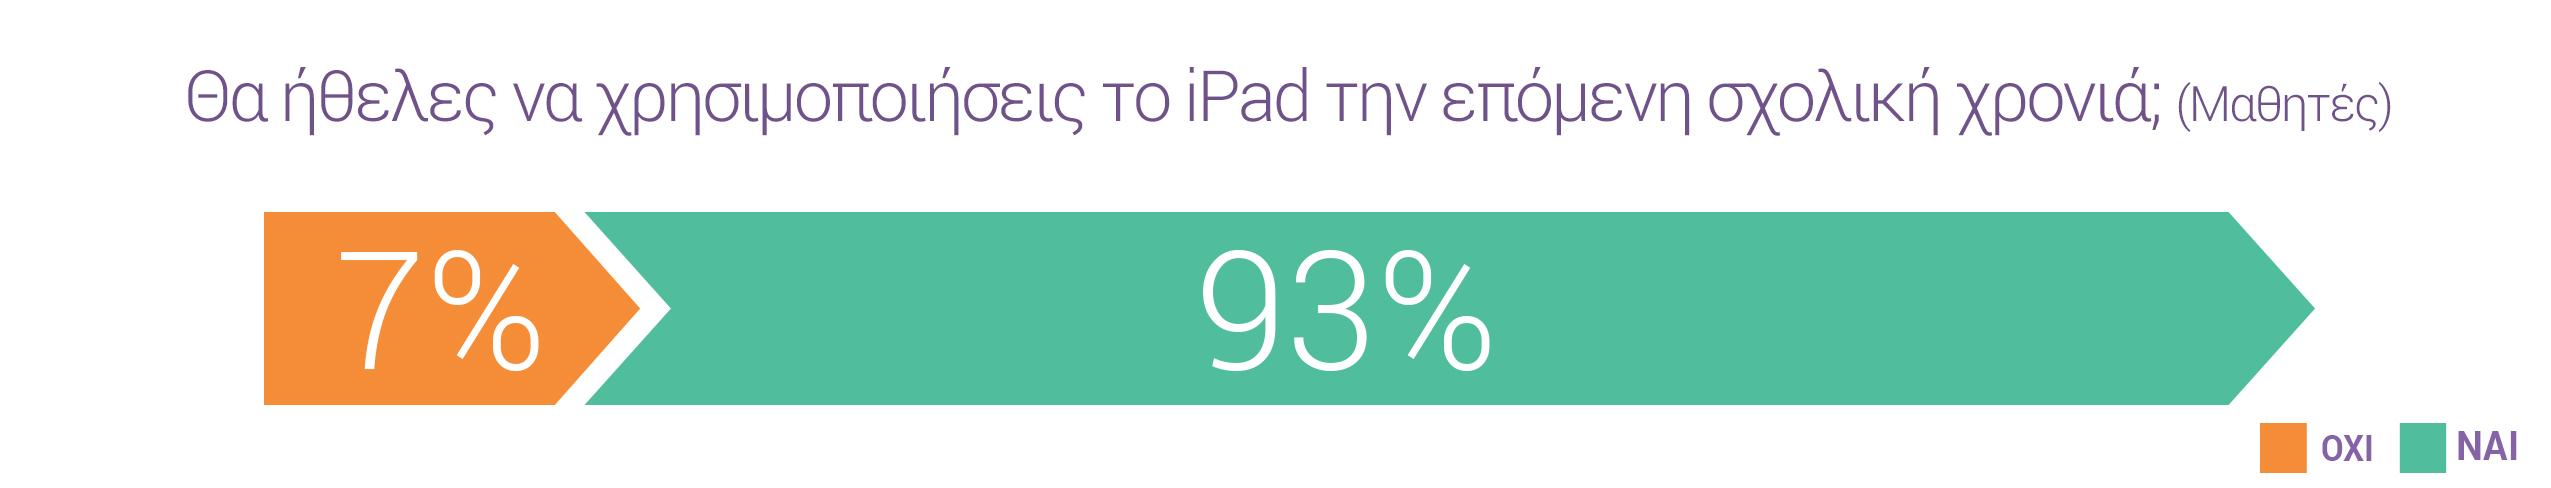 Θα ήθελες να χρησιμοποιήσεις το iPad την επόμενη σχολική χρονιά; (Μαθητές) 7 τοις εκατό όχι & 93 τοις εκατό ναι